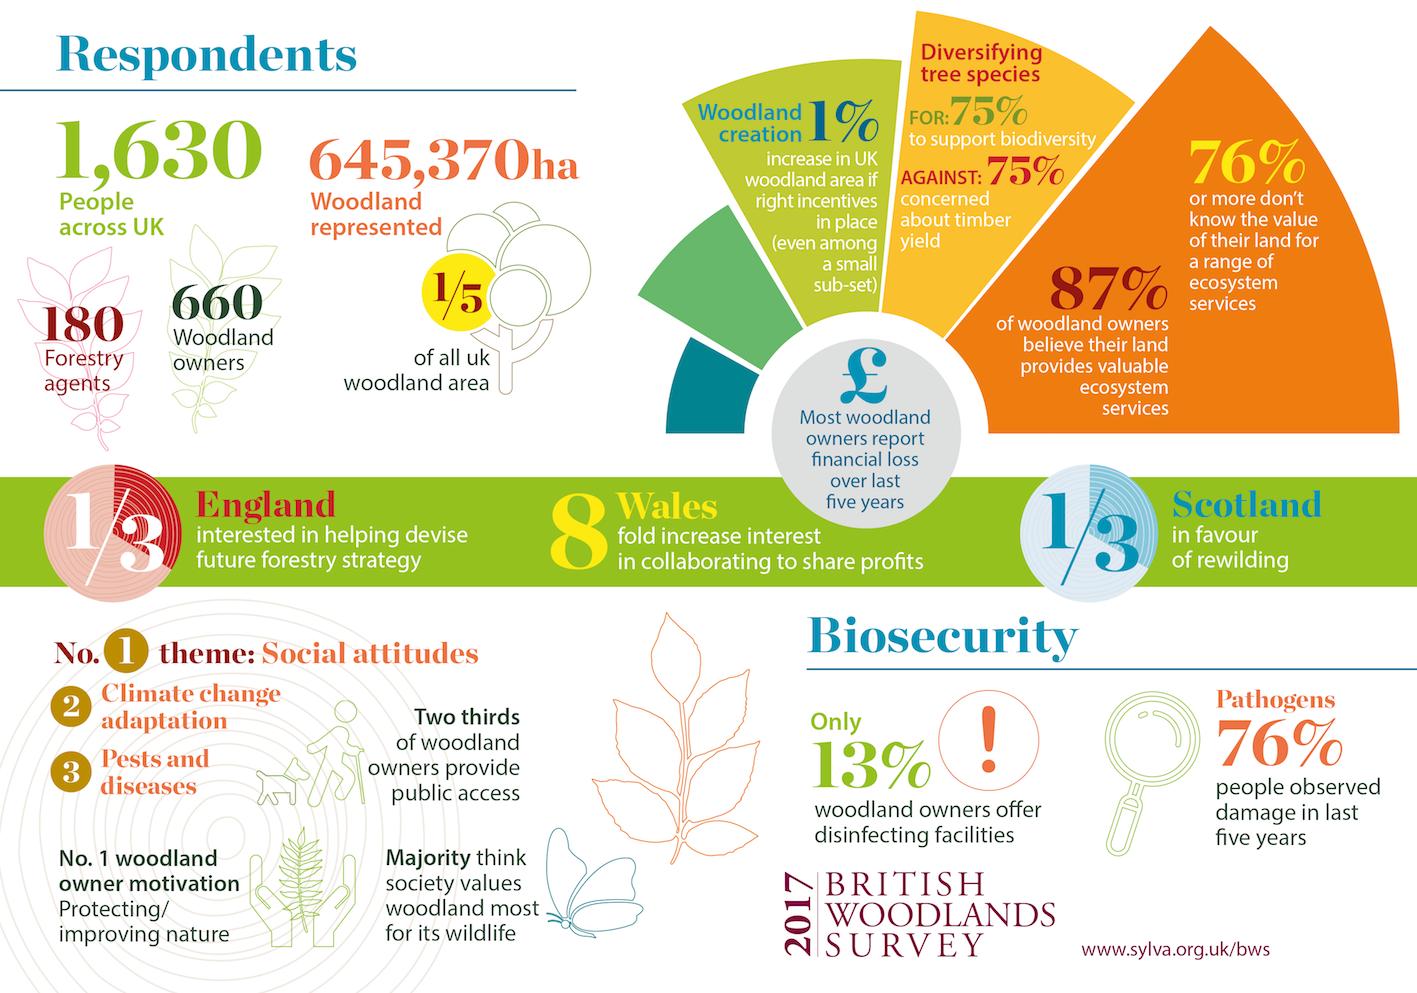 British Woodland Survey 2017